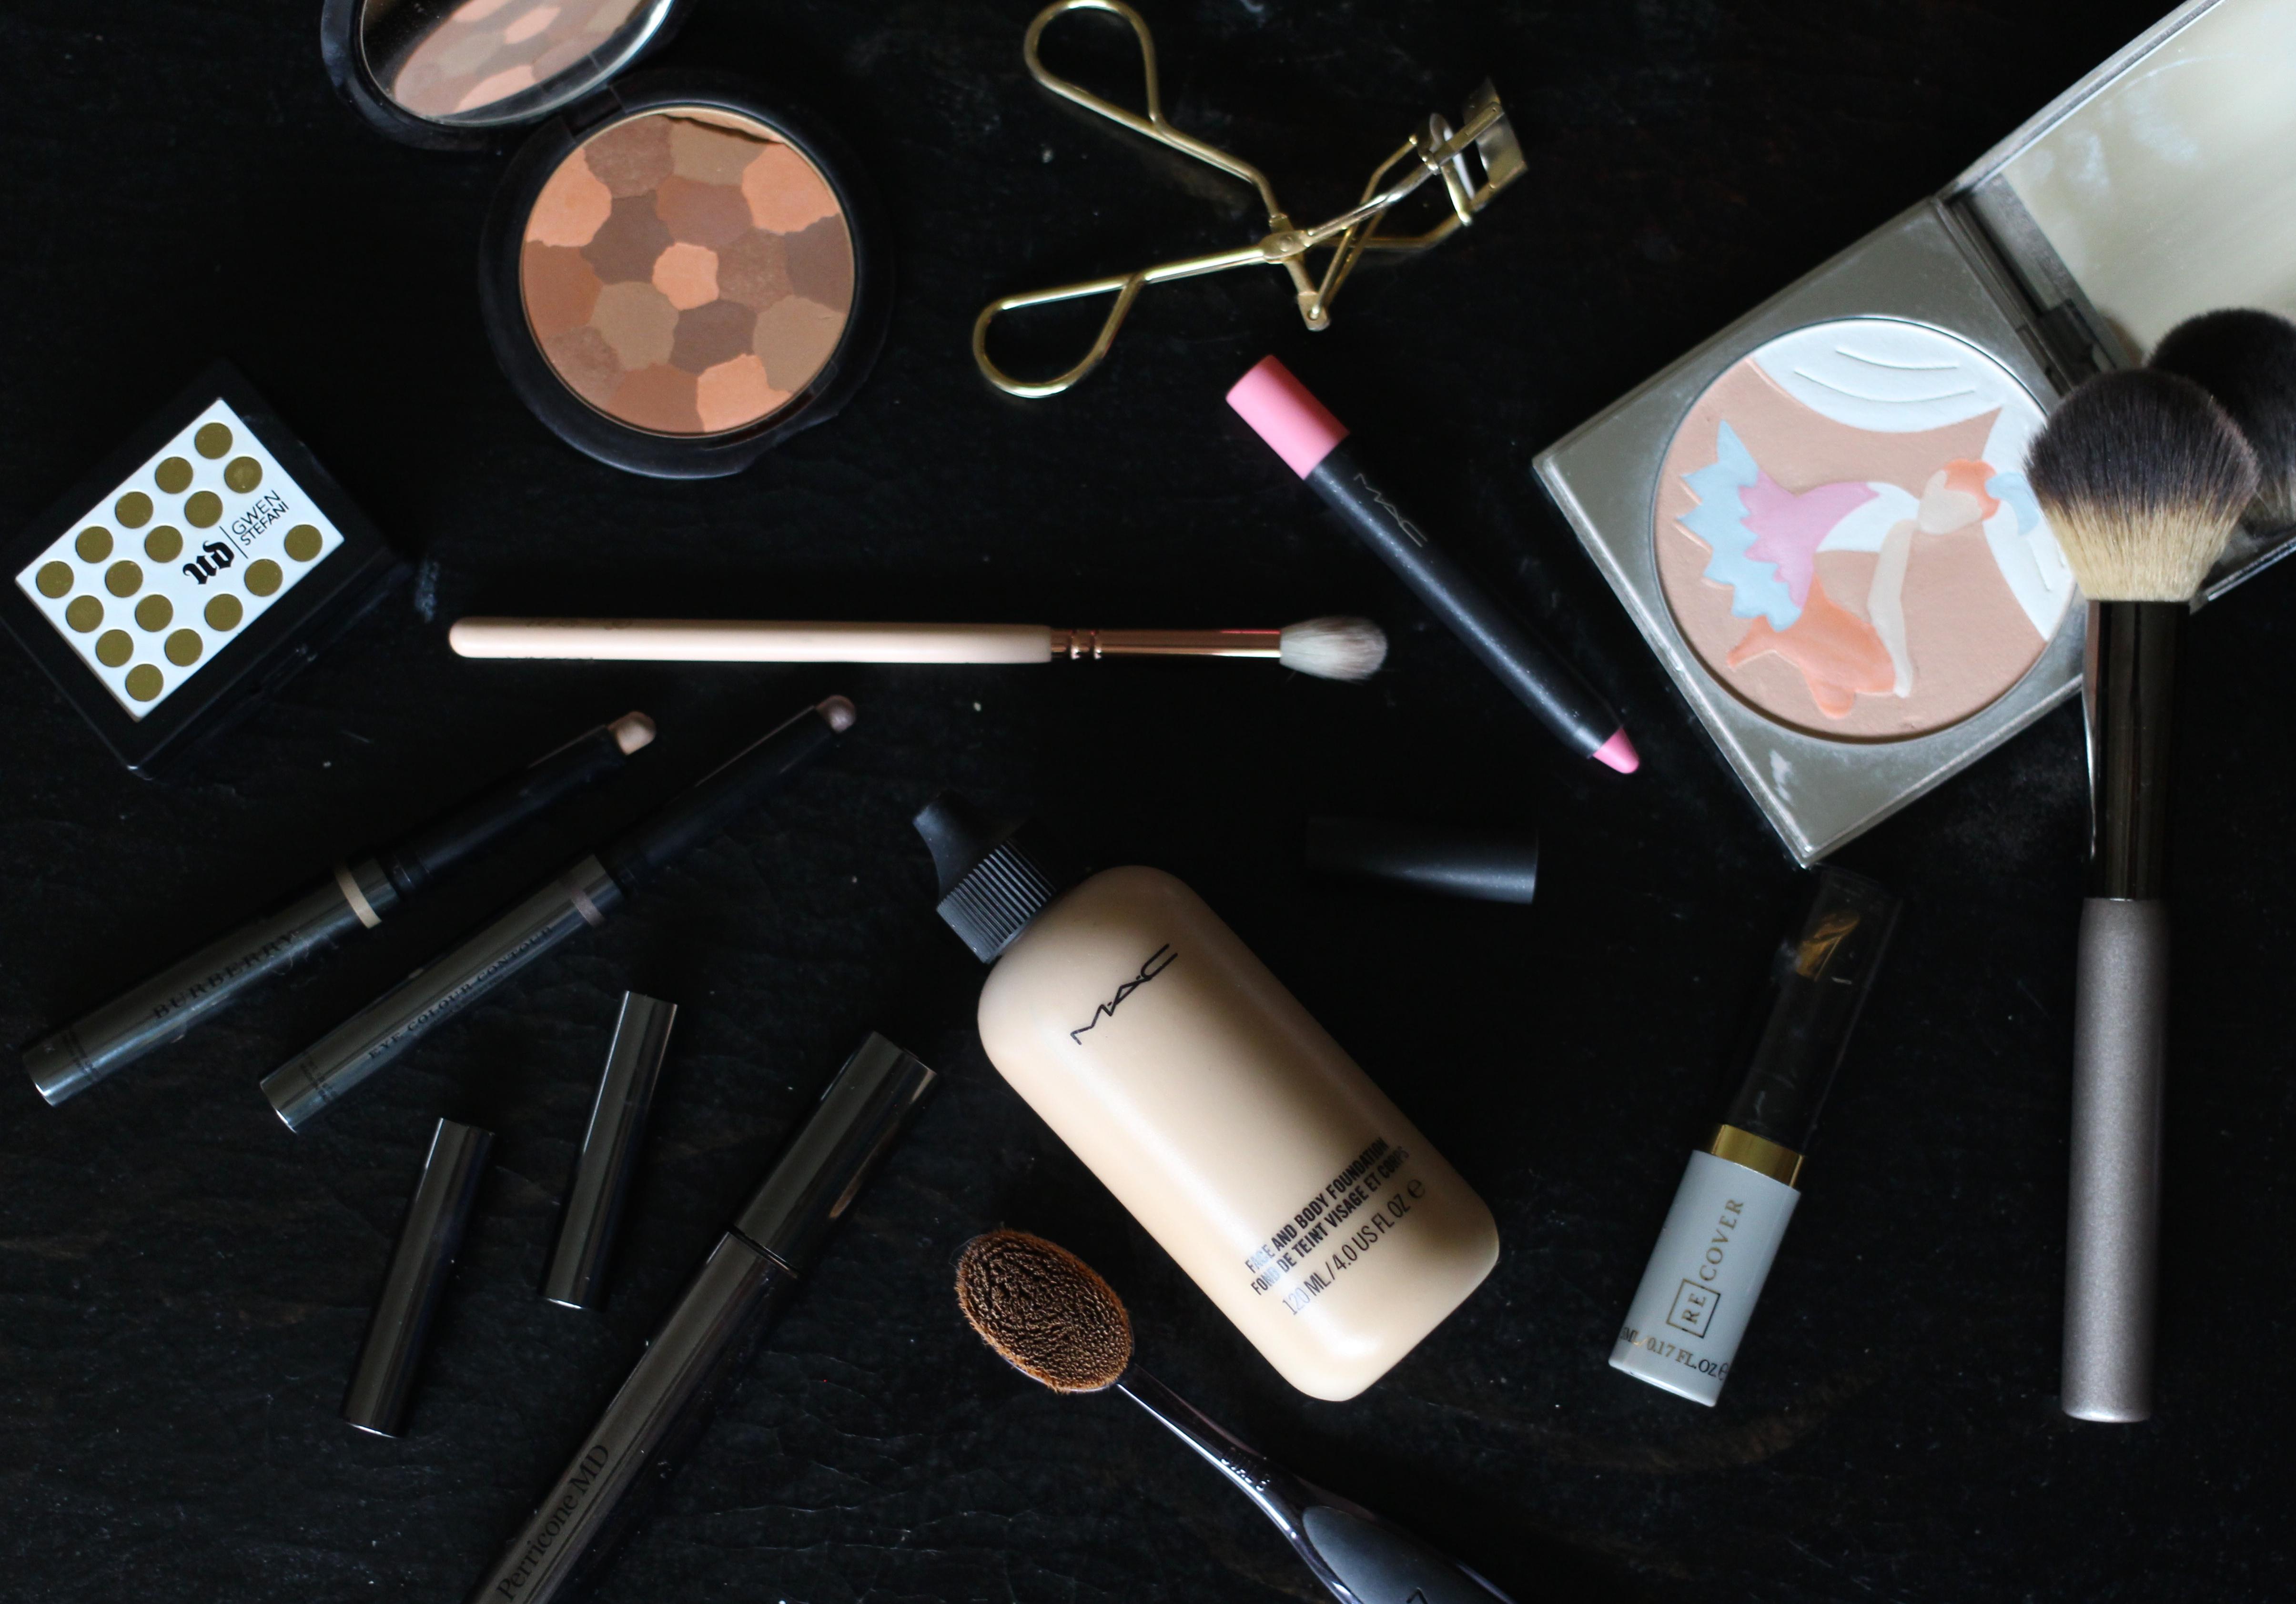 FOTD make-up